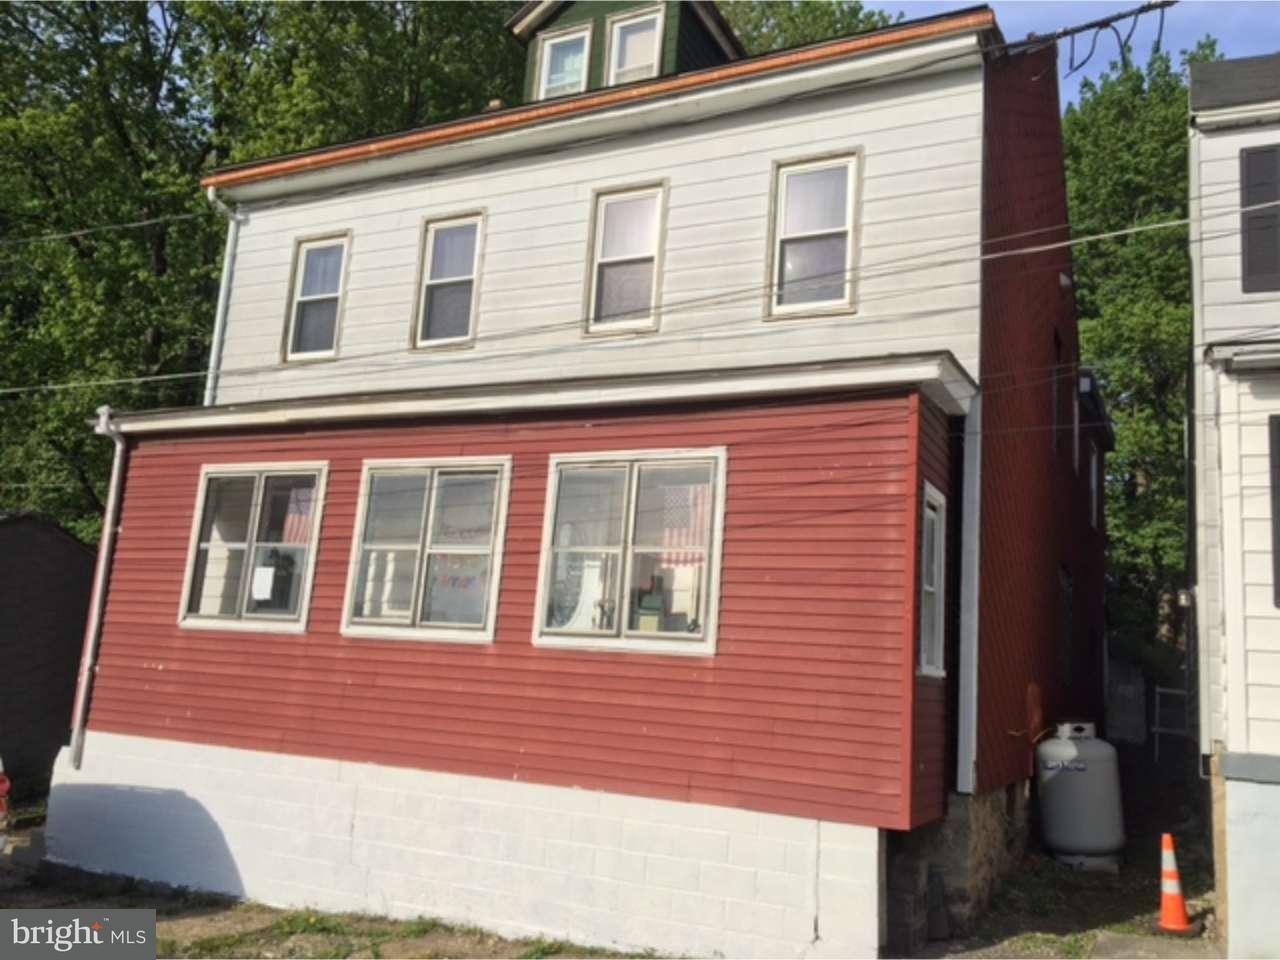 Частный односемейный дом для того Продажа на 336 HIGH Street Minersville, Пенсильвания 17954 Соединенные Штаты